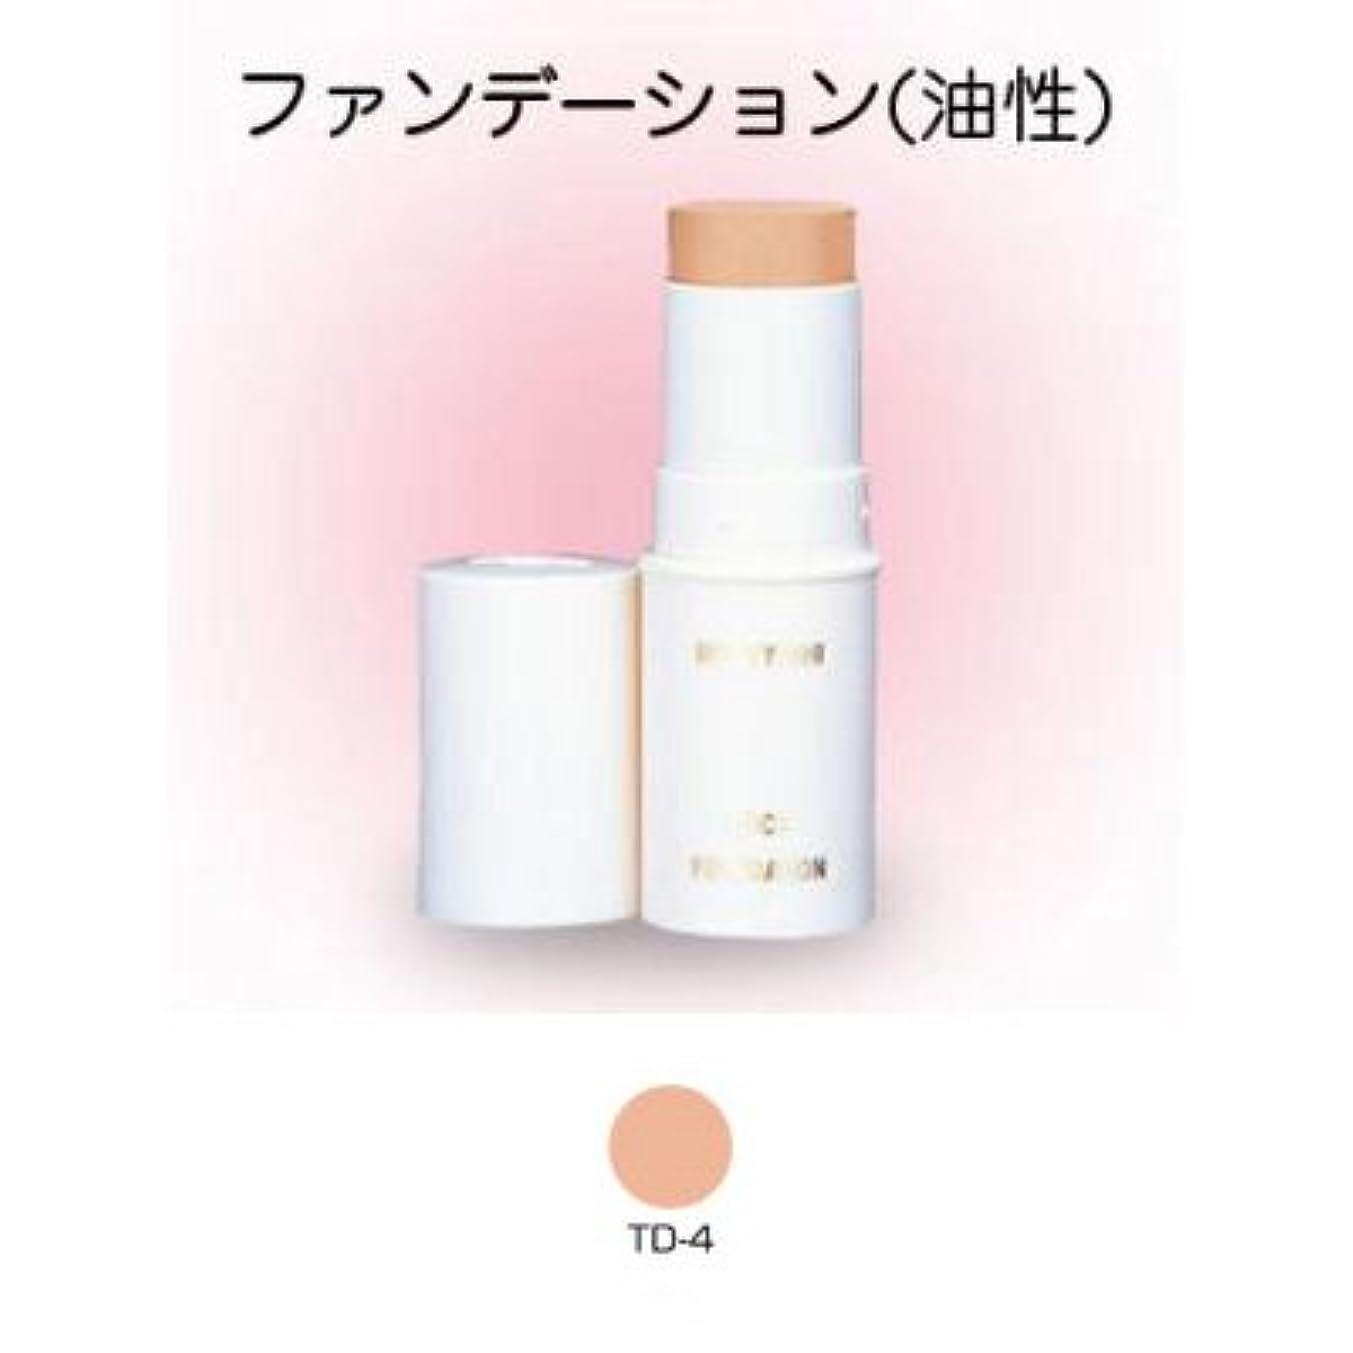 モットー付ける電卓スティックファンデーション 16g TD-4 【三善】